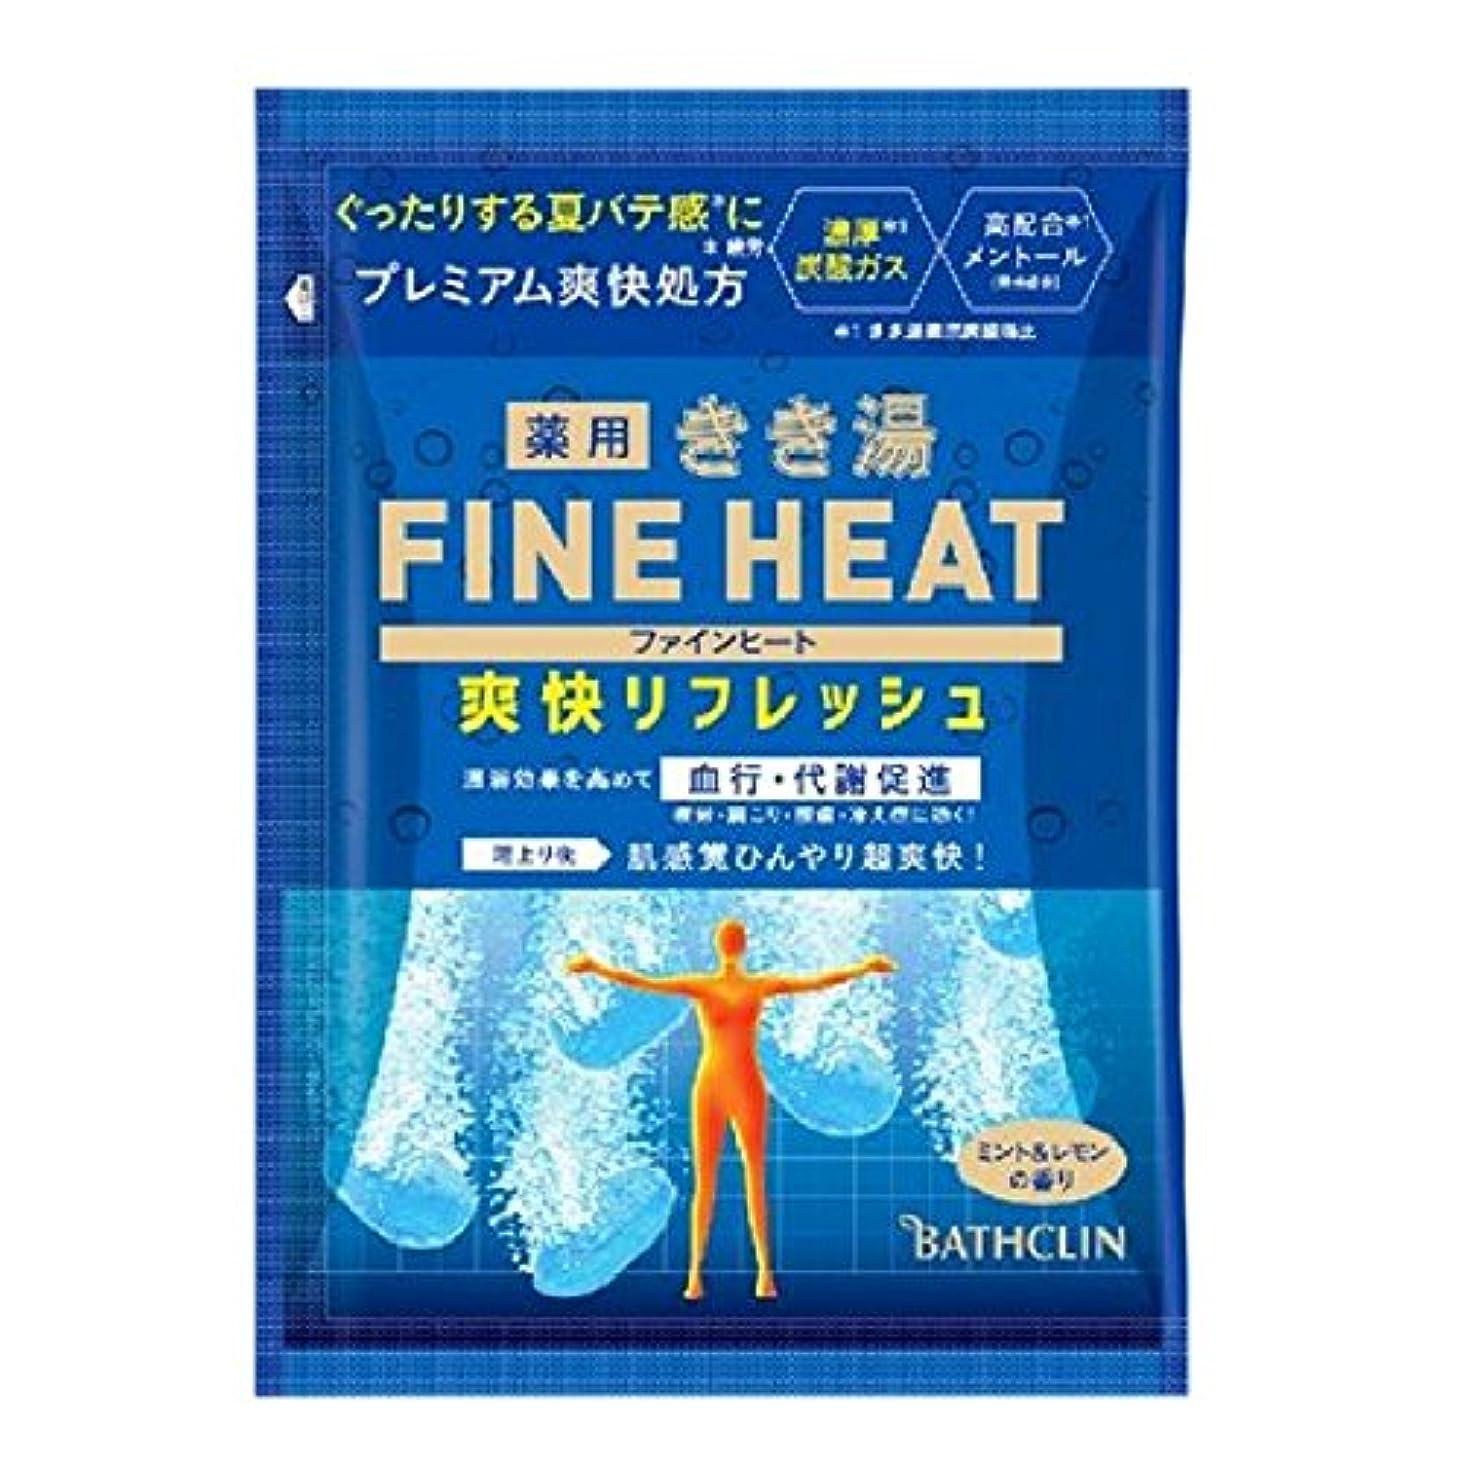 異常免除するエラーきき湯ファインヒート ファインヒート(FINE HEAT) 爽快リフレッシュ ミント&レモンの香り 50g